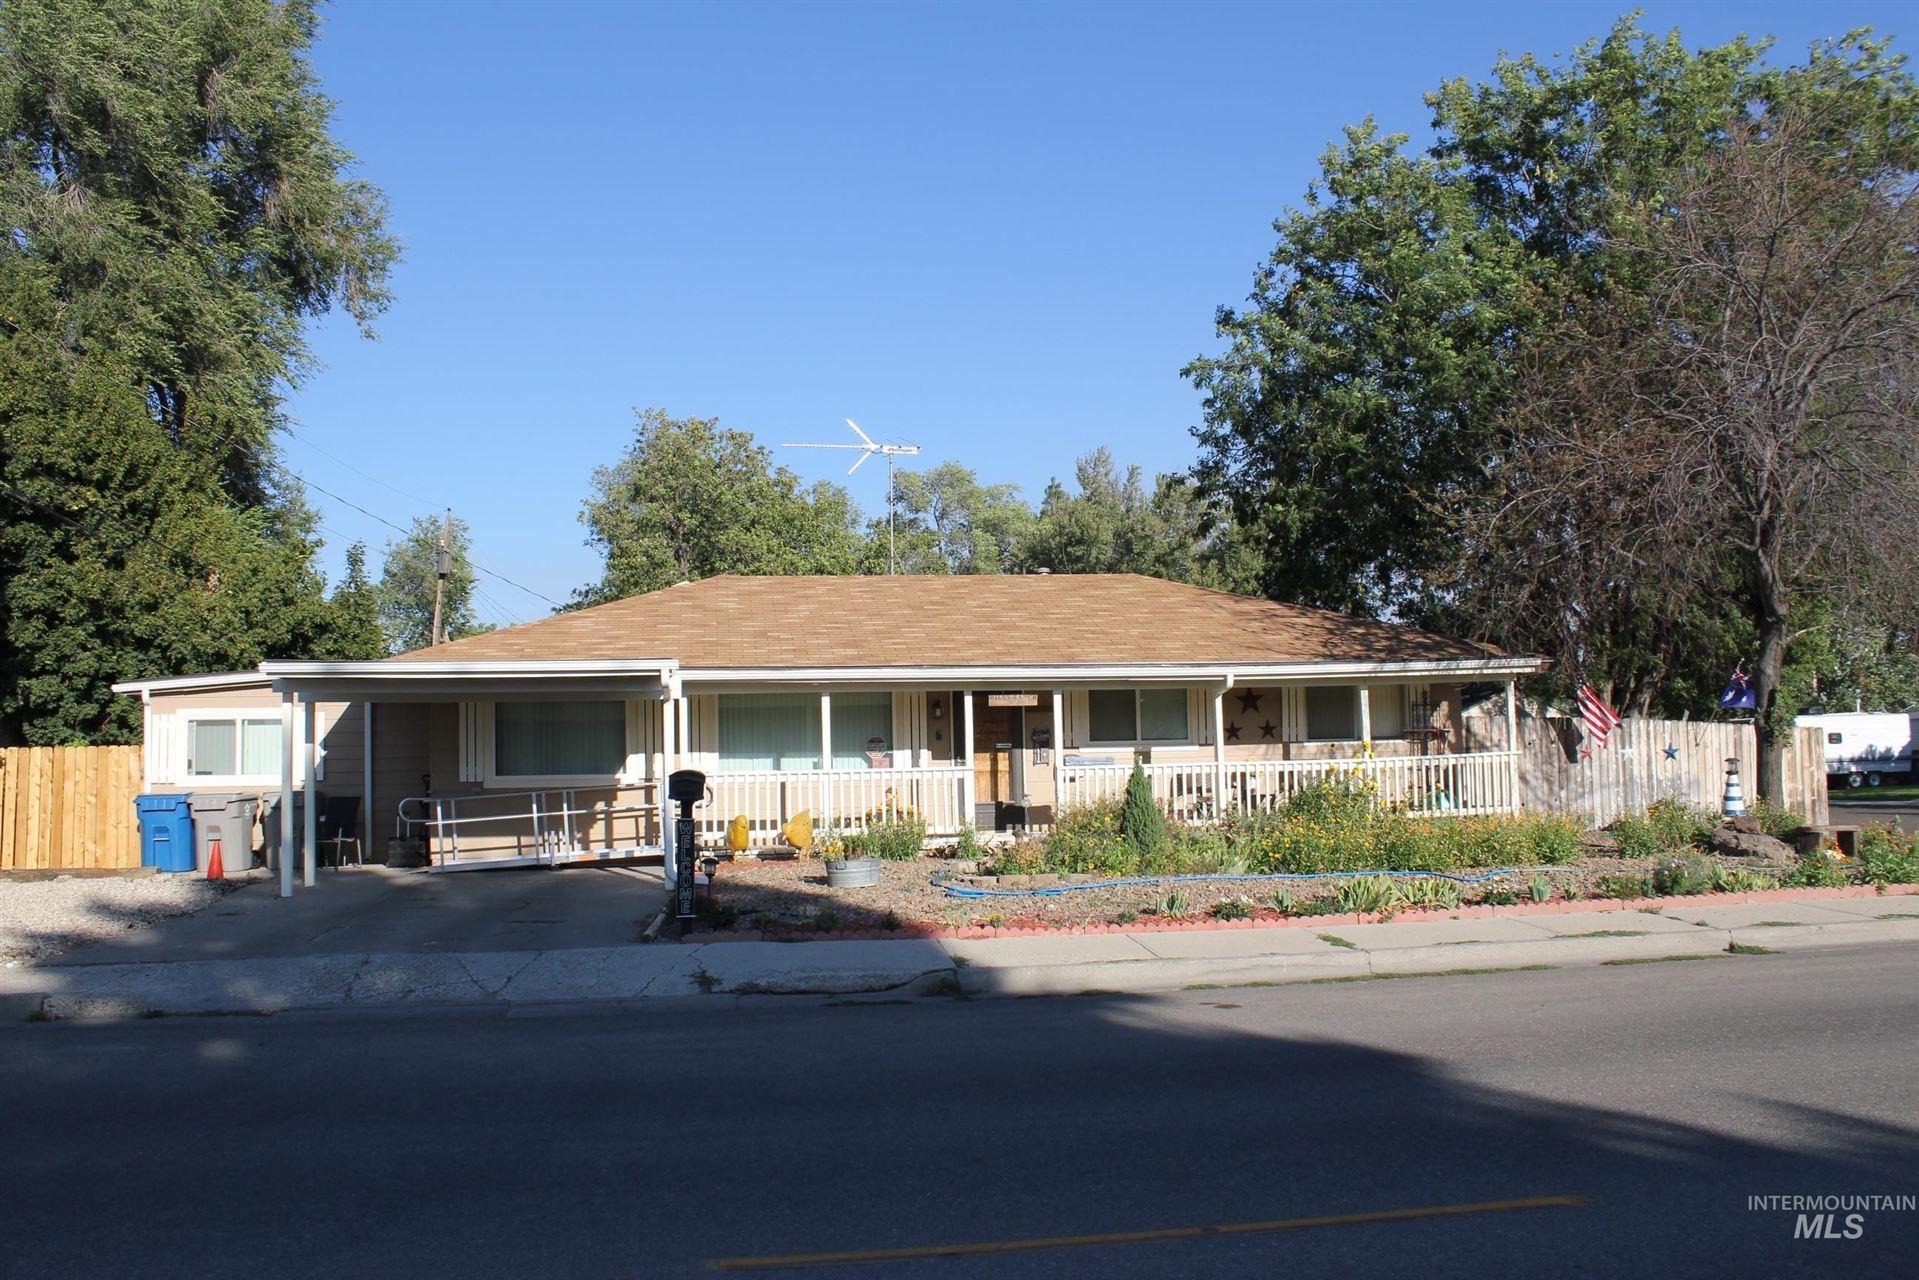 Photo of 1740 N 10 E, Mountain Home, ID 83647 (MLS # 98819219)